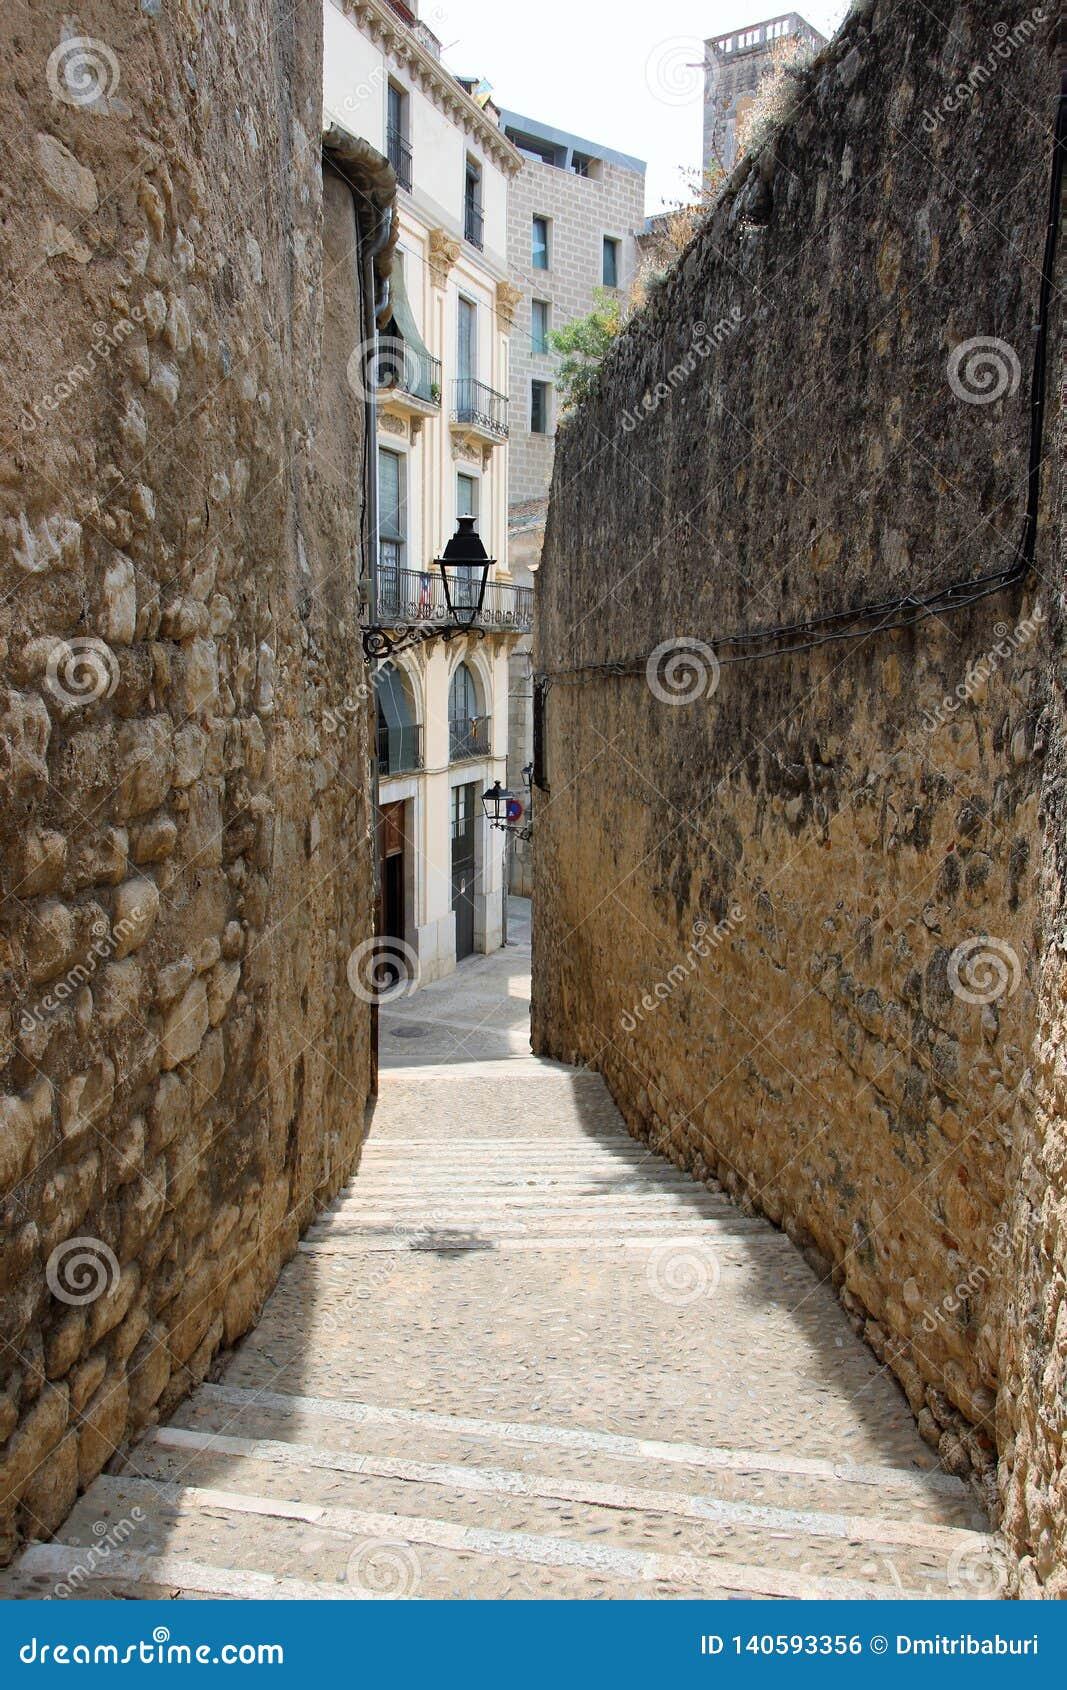 Άποψη της οδού μεταξύ των δύο τοίχων στο εβραϊκό τέταρτο Girona, Ισπανία